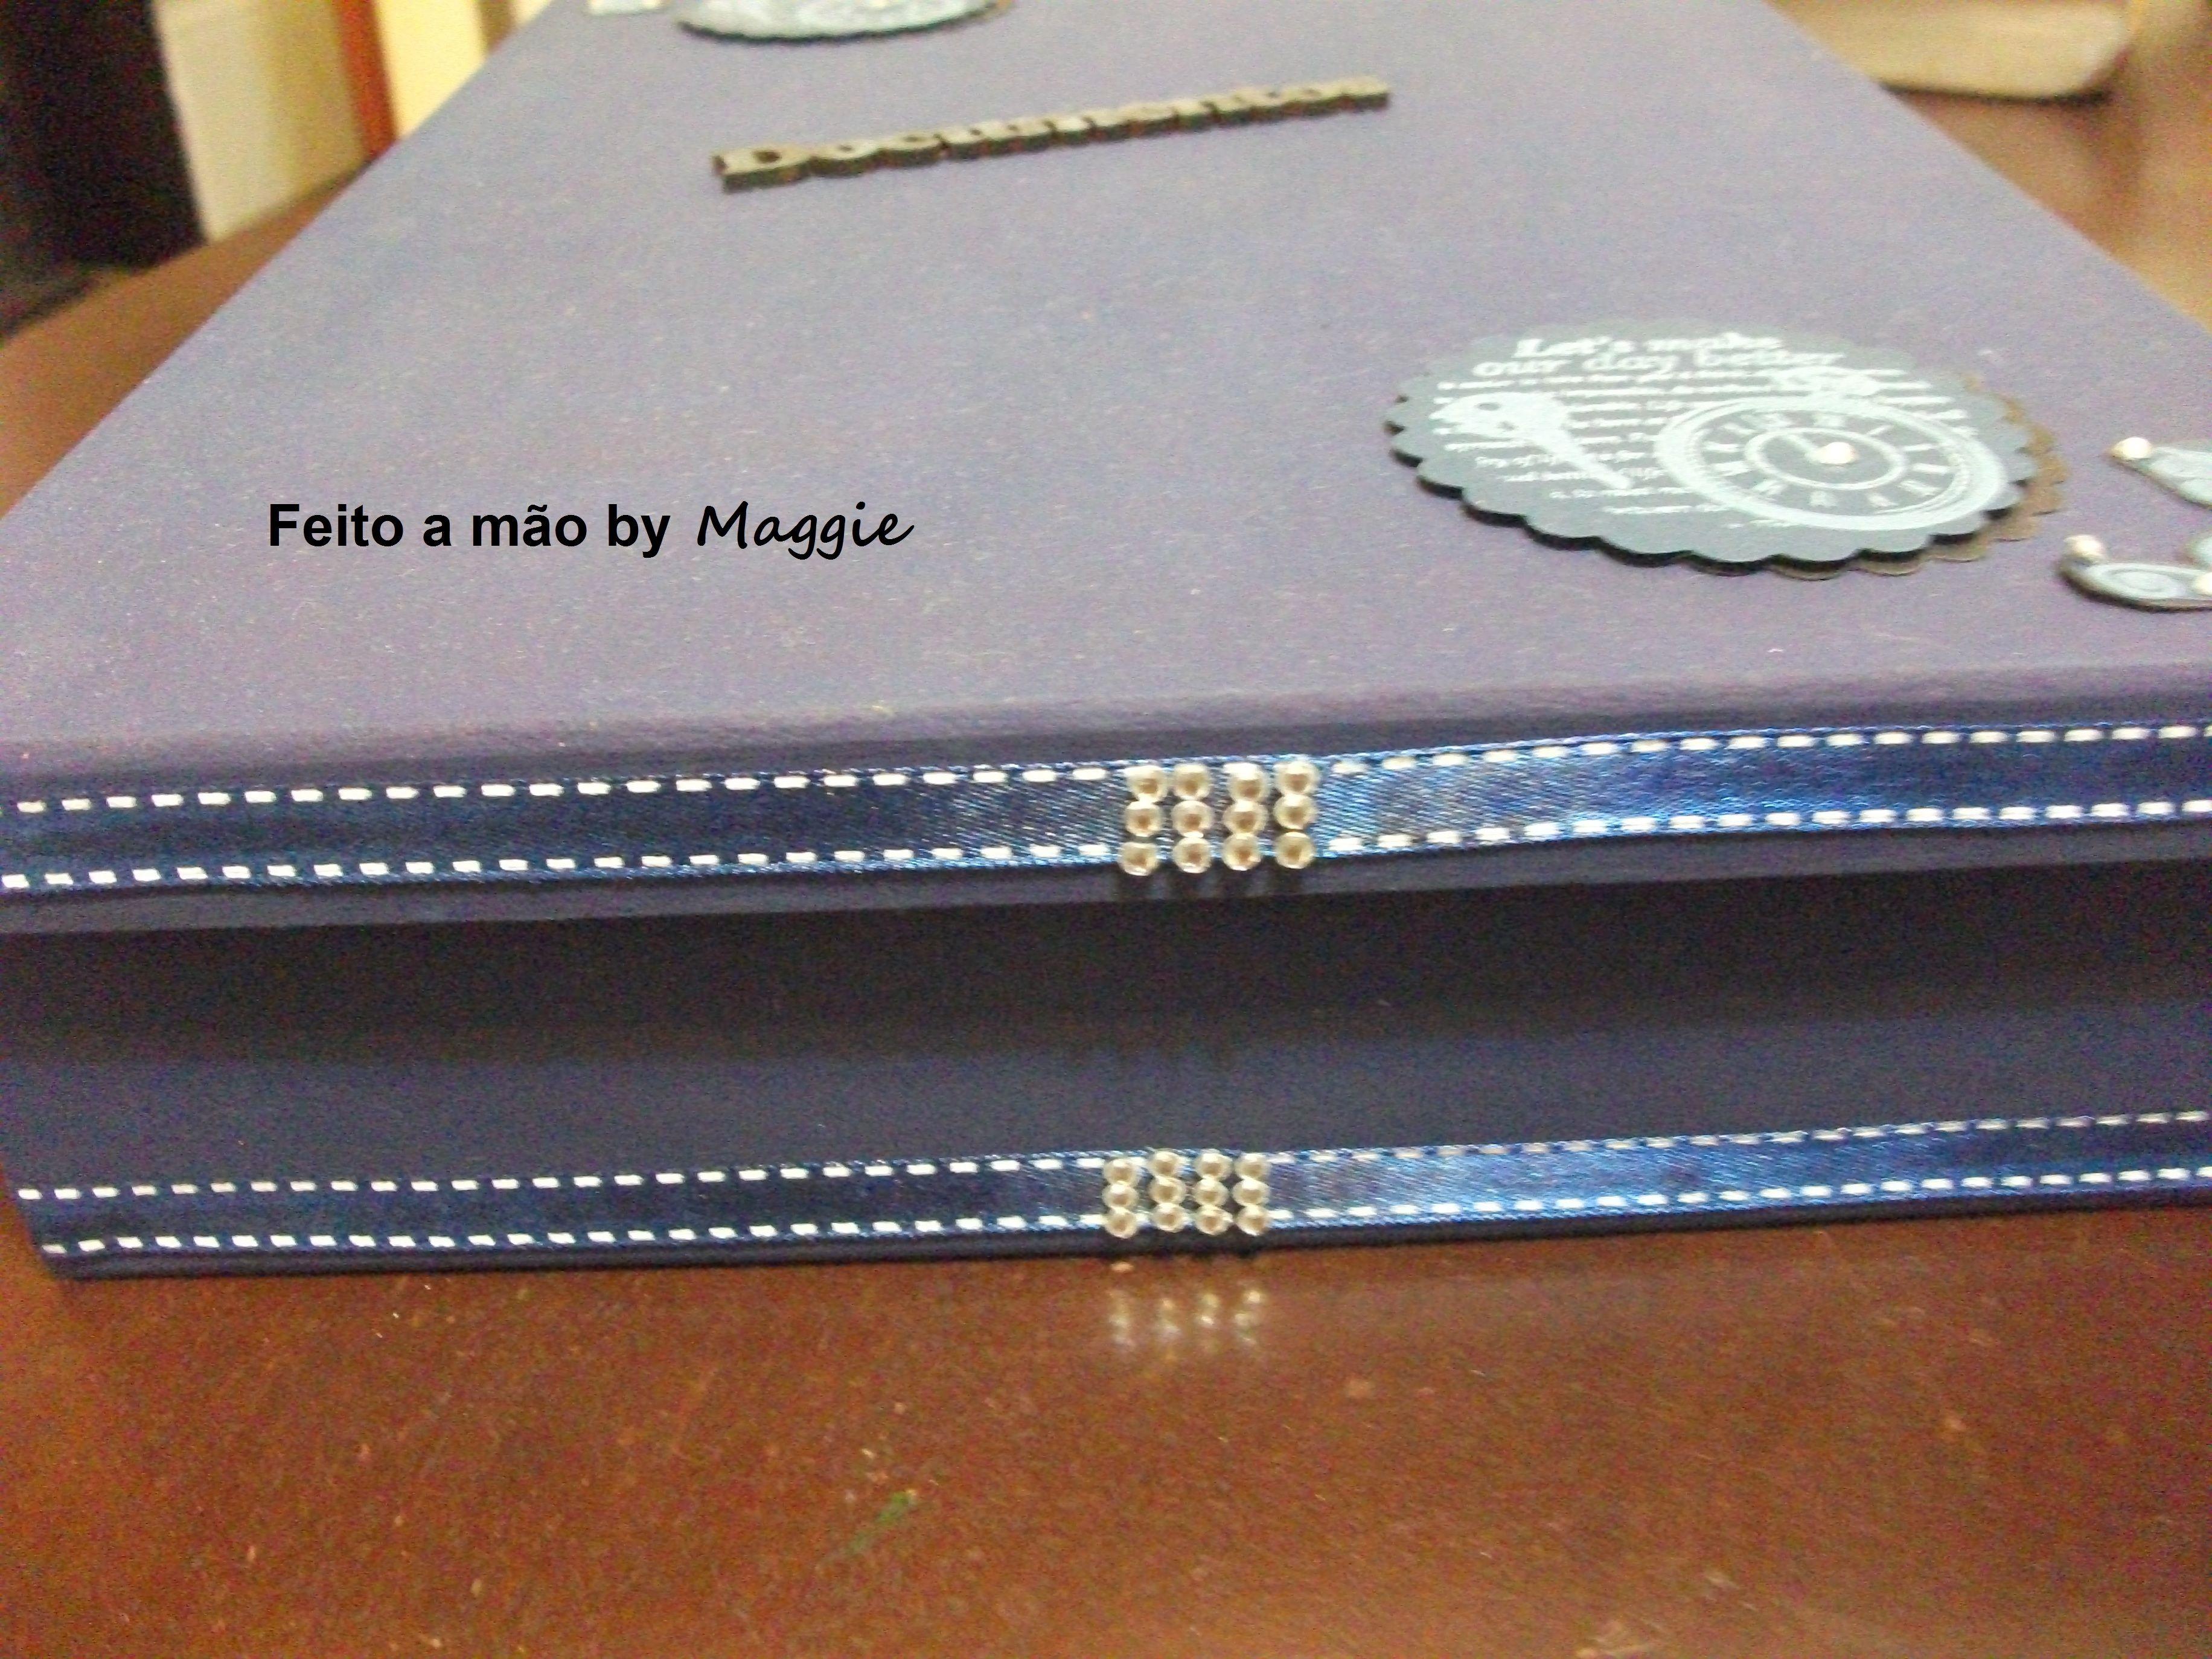 Caixa em MDF para guardar documentos - masculina - decorada com arabescos e fita de cetim azul.